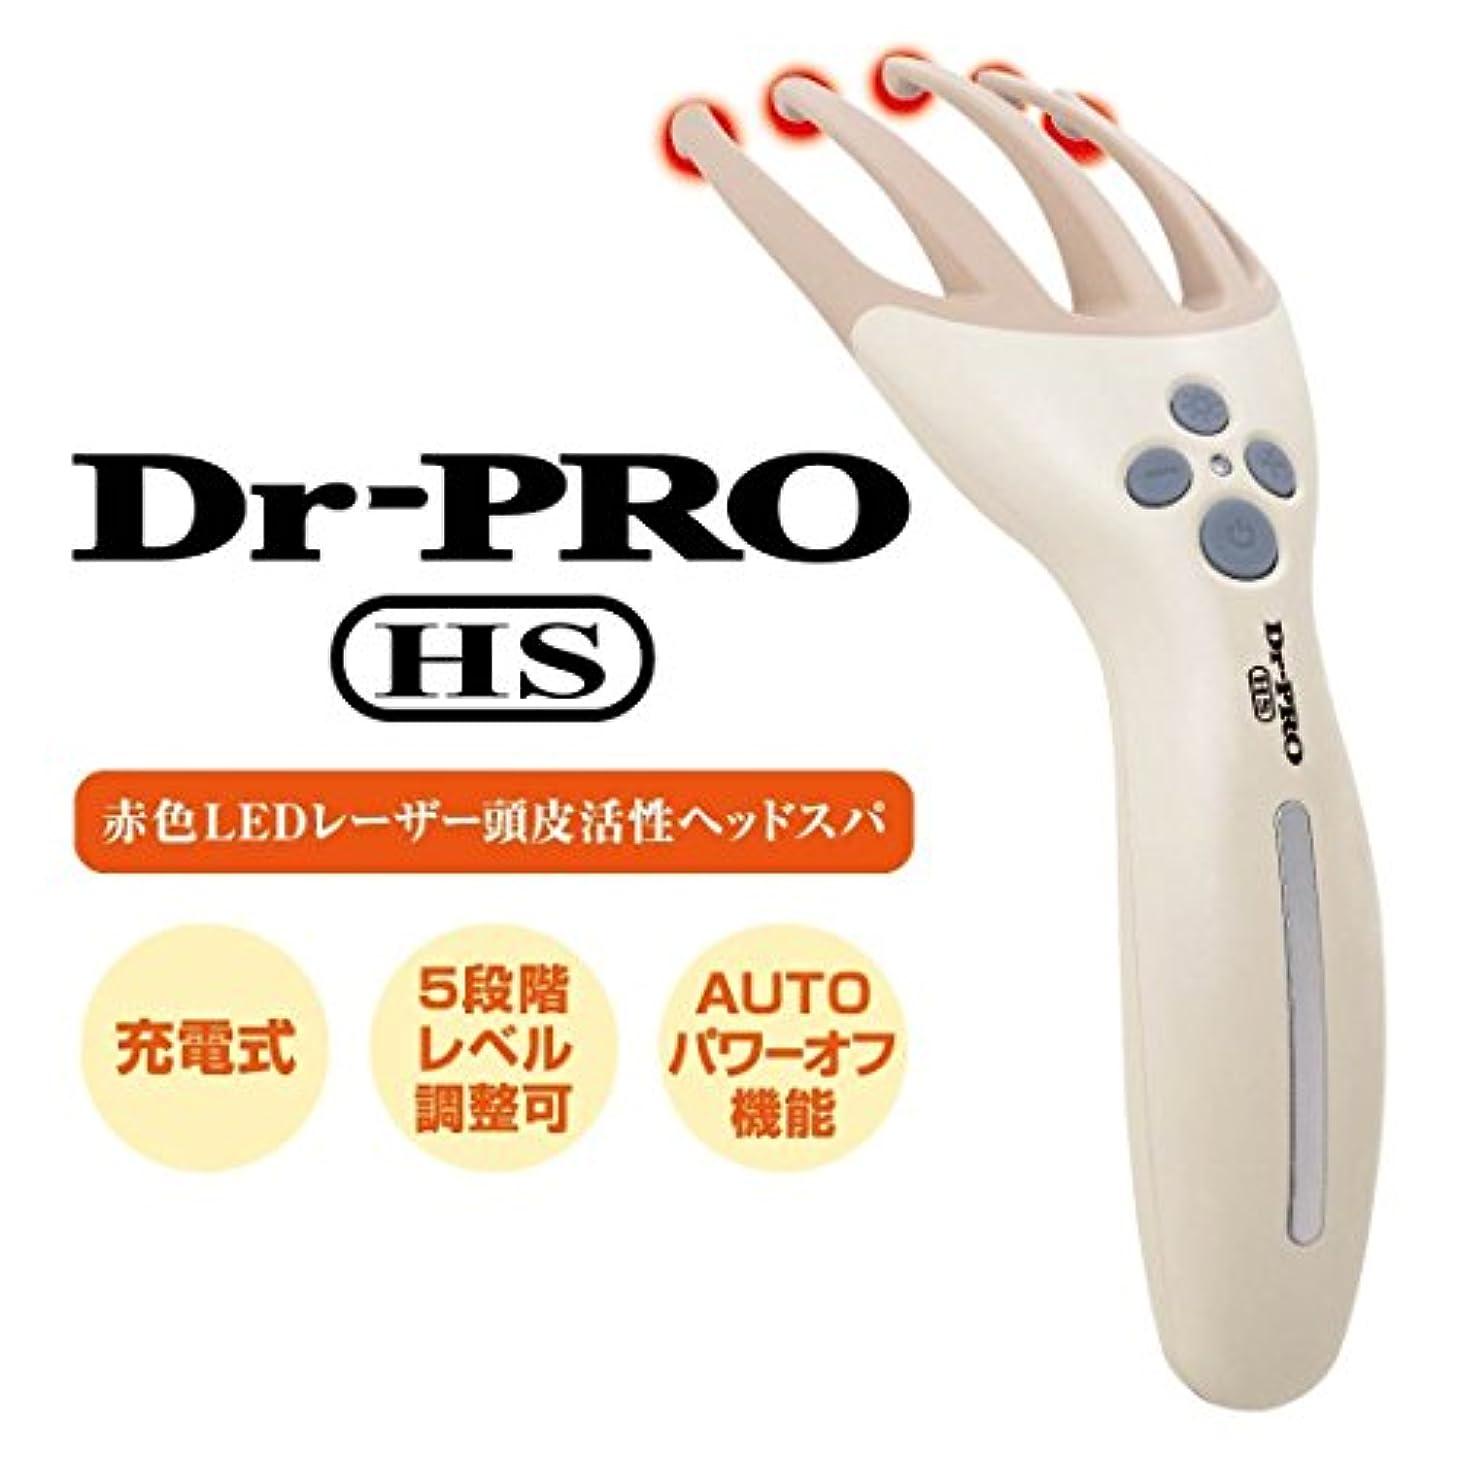 アジア人信条遊び場Dr-PRO HS(ドクタープロ ヘッドスパ)